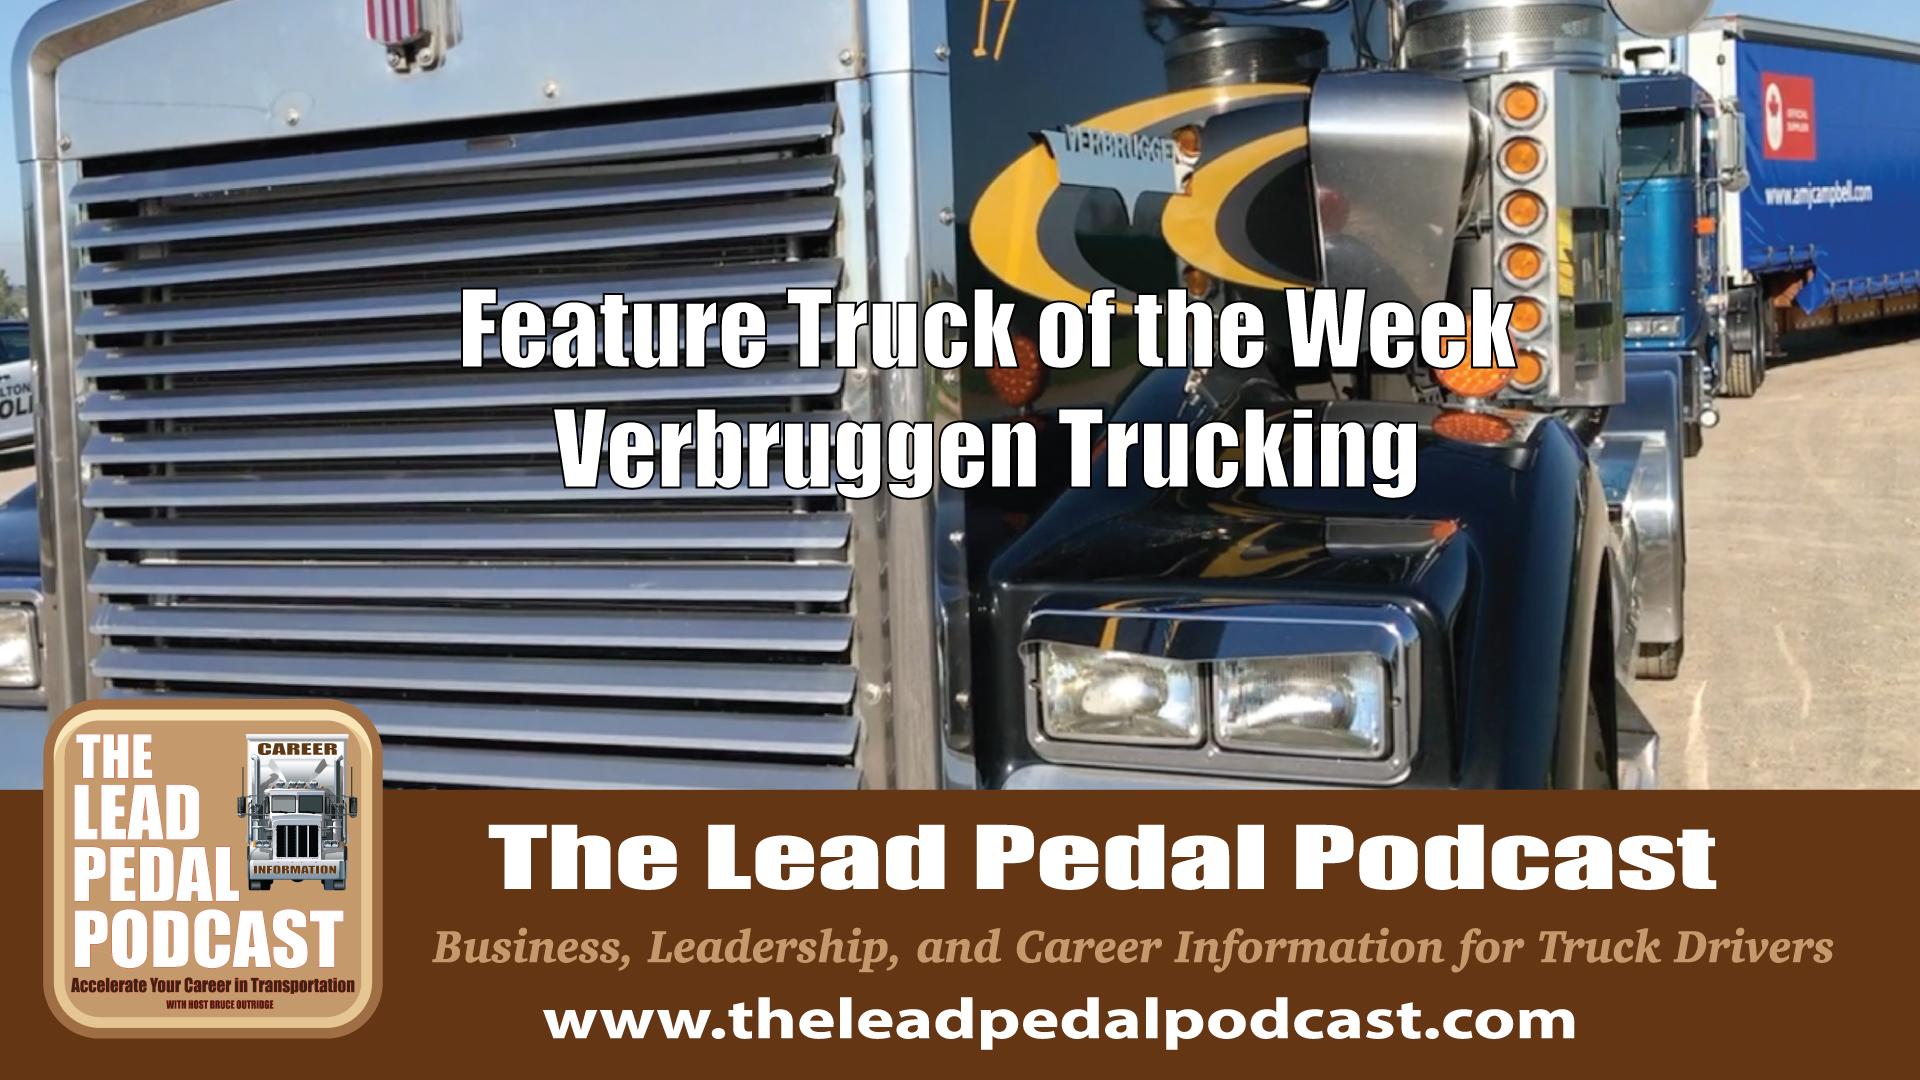 Featured Truck -Verbruggen Trucking